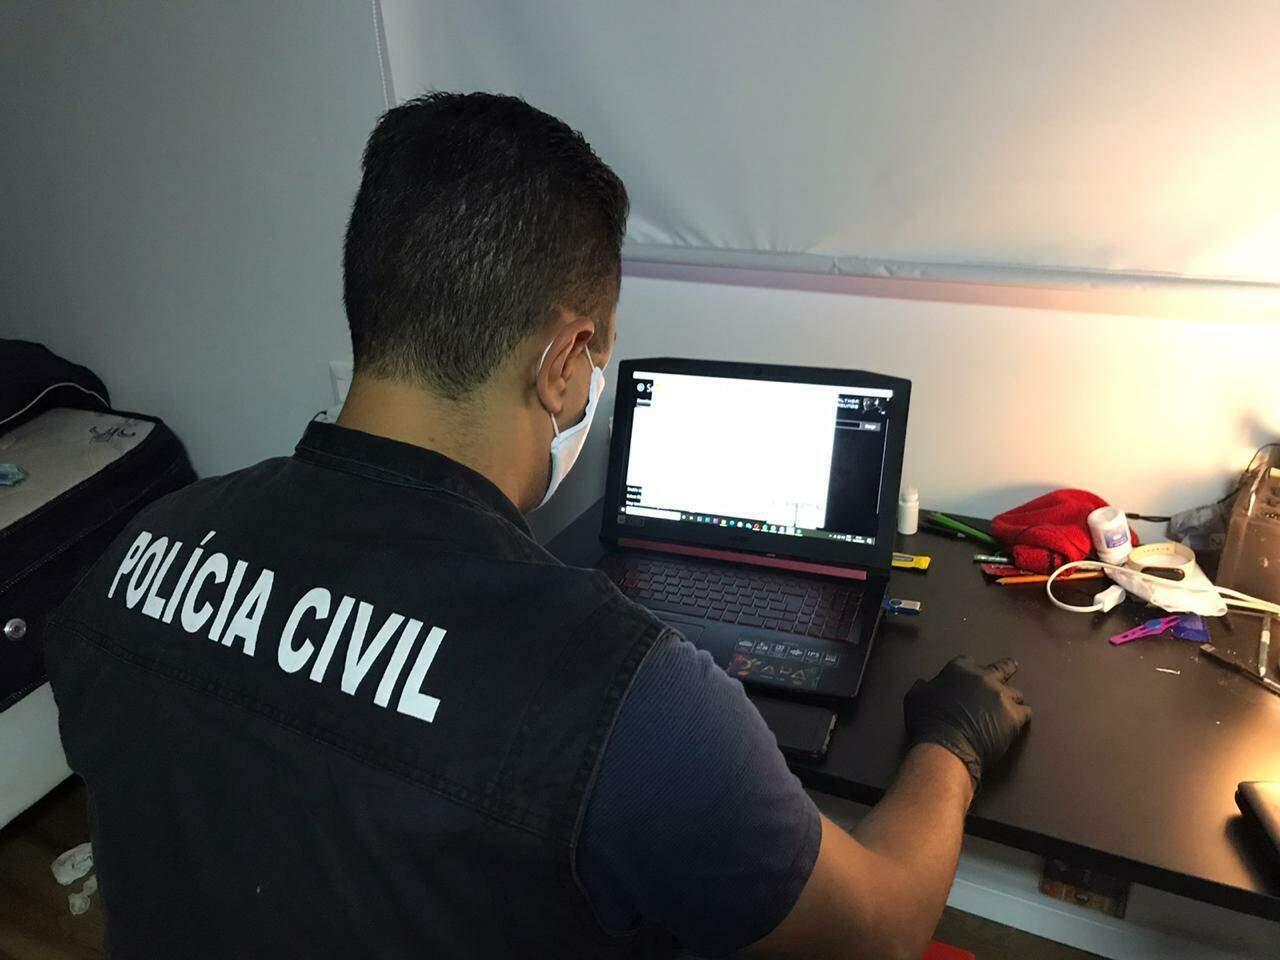 Concurso será aberto para agentes e peritos da Polícia Civil (Foto/Divulgação)